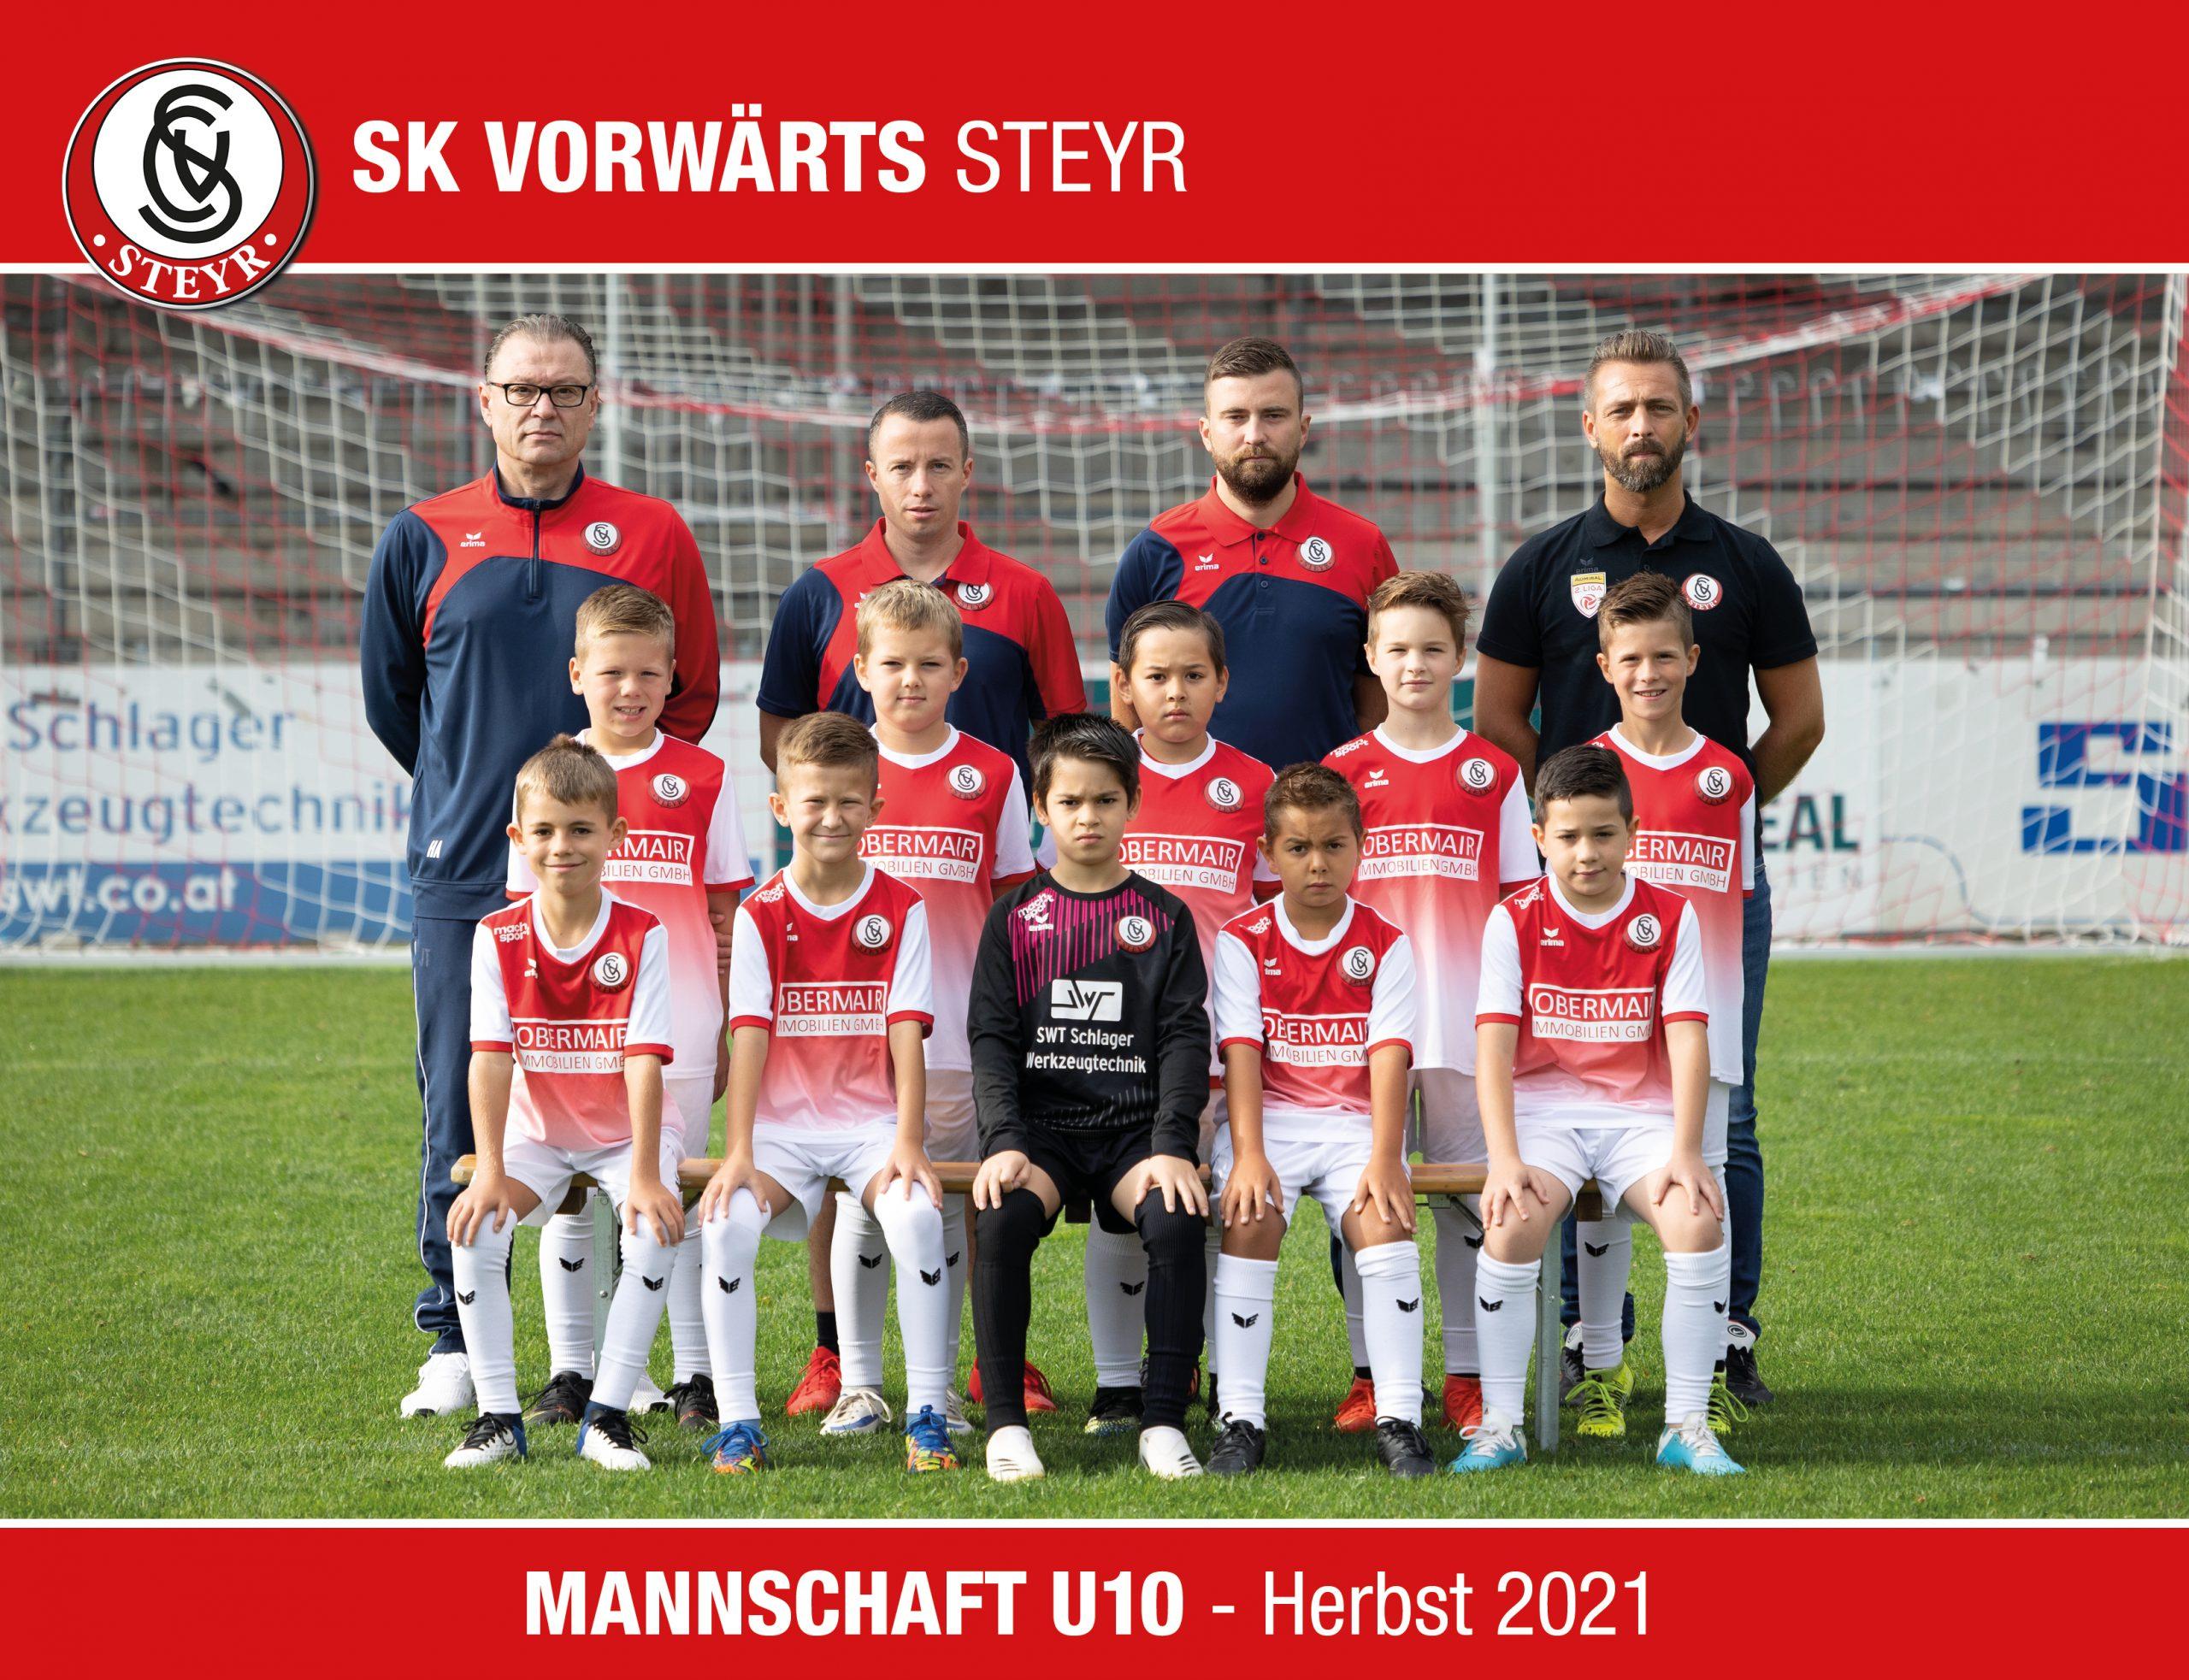 Mannschaftstofo U9 - Herbst 2020